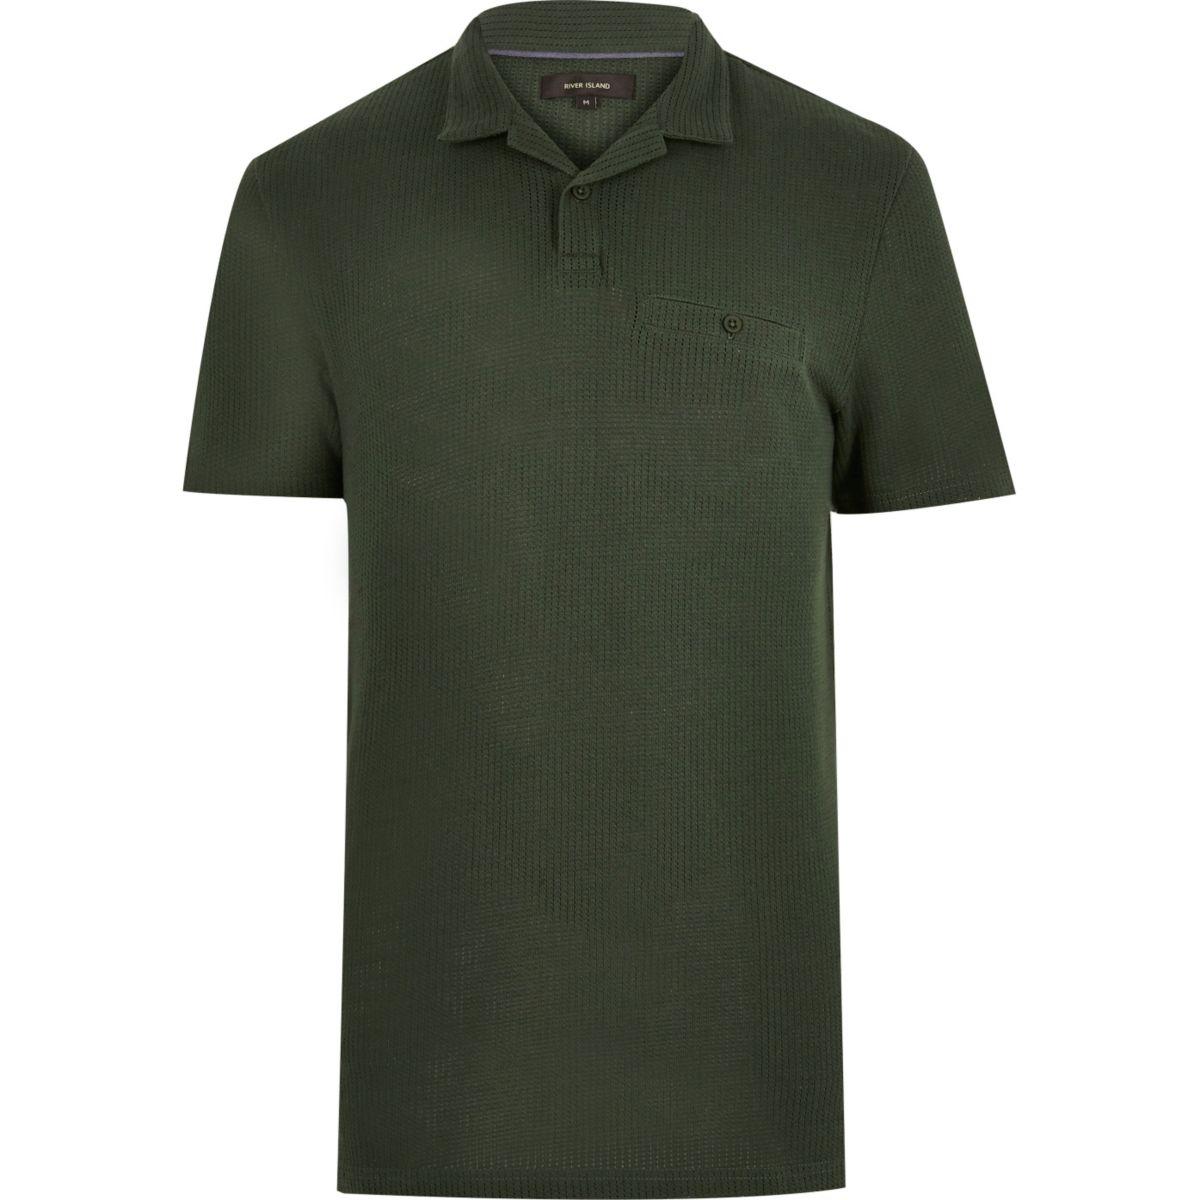 Khaki textured polo shirt